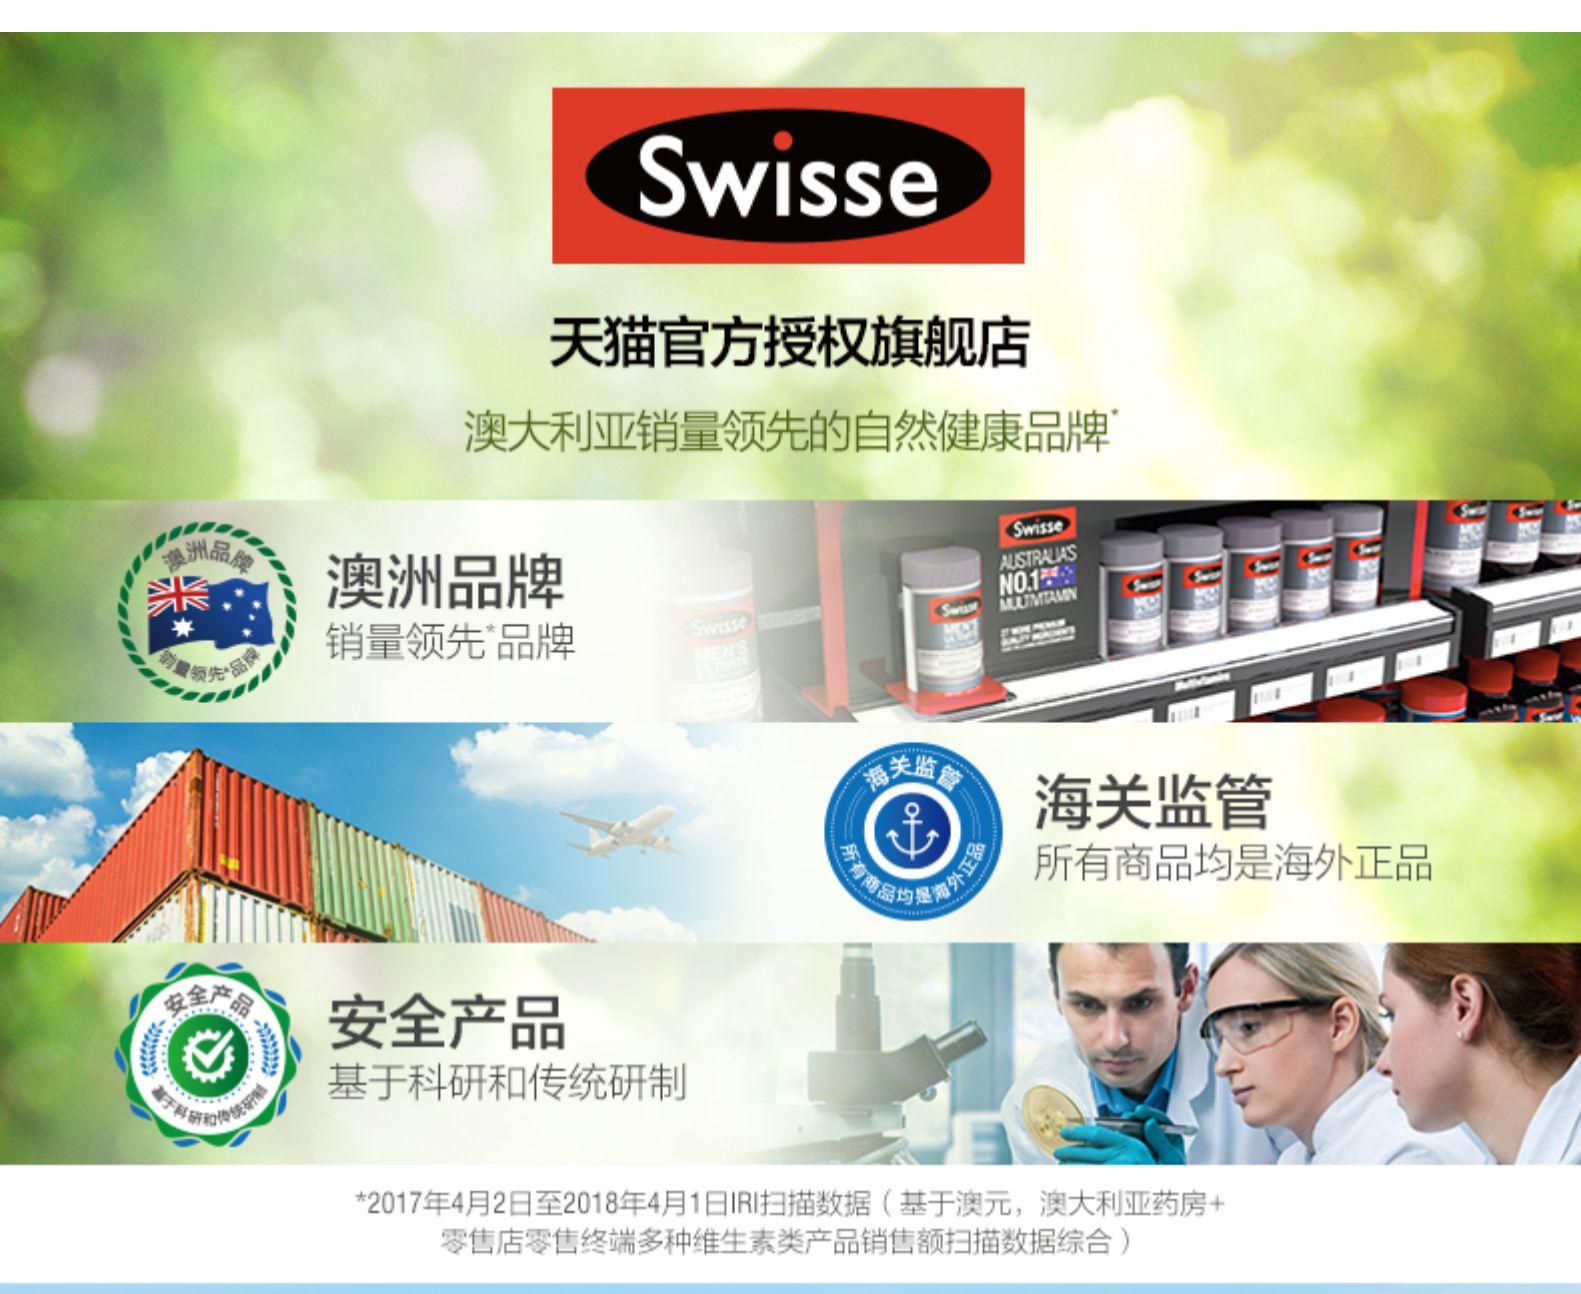 澳洲进口 Swisse 高浓度圣洁莓片1500mg 60片缓解女性痛经不适¥176.00 我们的产品 第1张